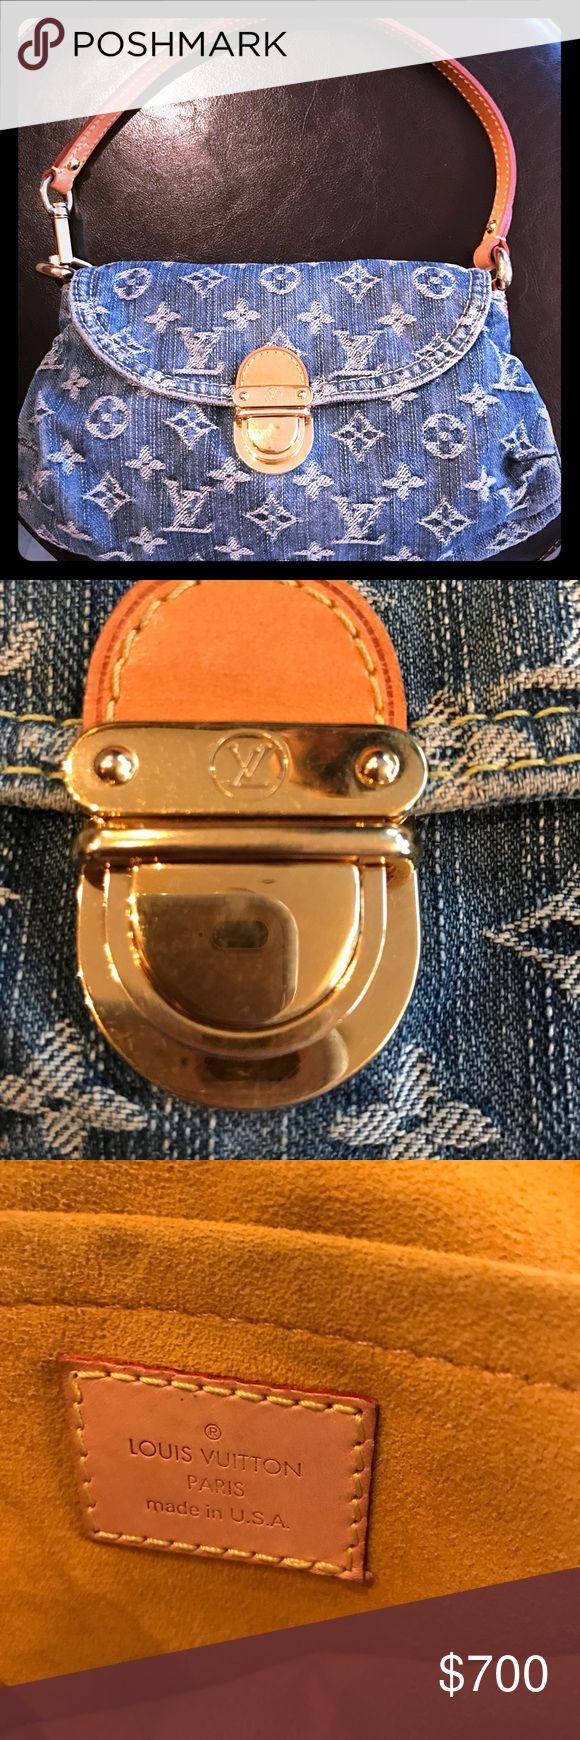 Authentic Louis Vuitton jean bag Authentic Louis Vuitton jean shoulder bag! Special edition bag in great condition. Louis Vuitton Bags Shoulder Bags